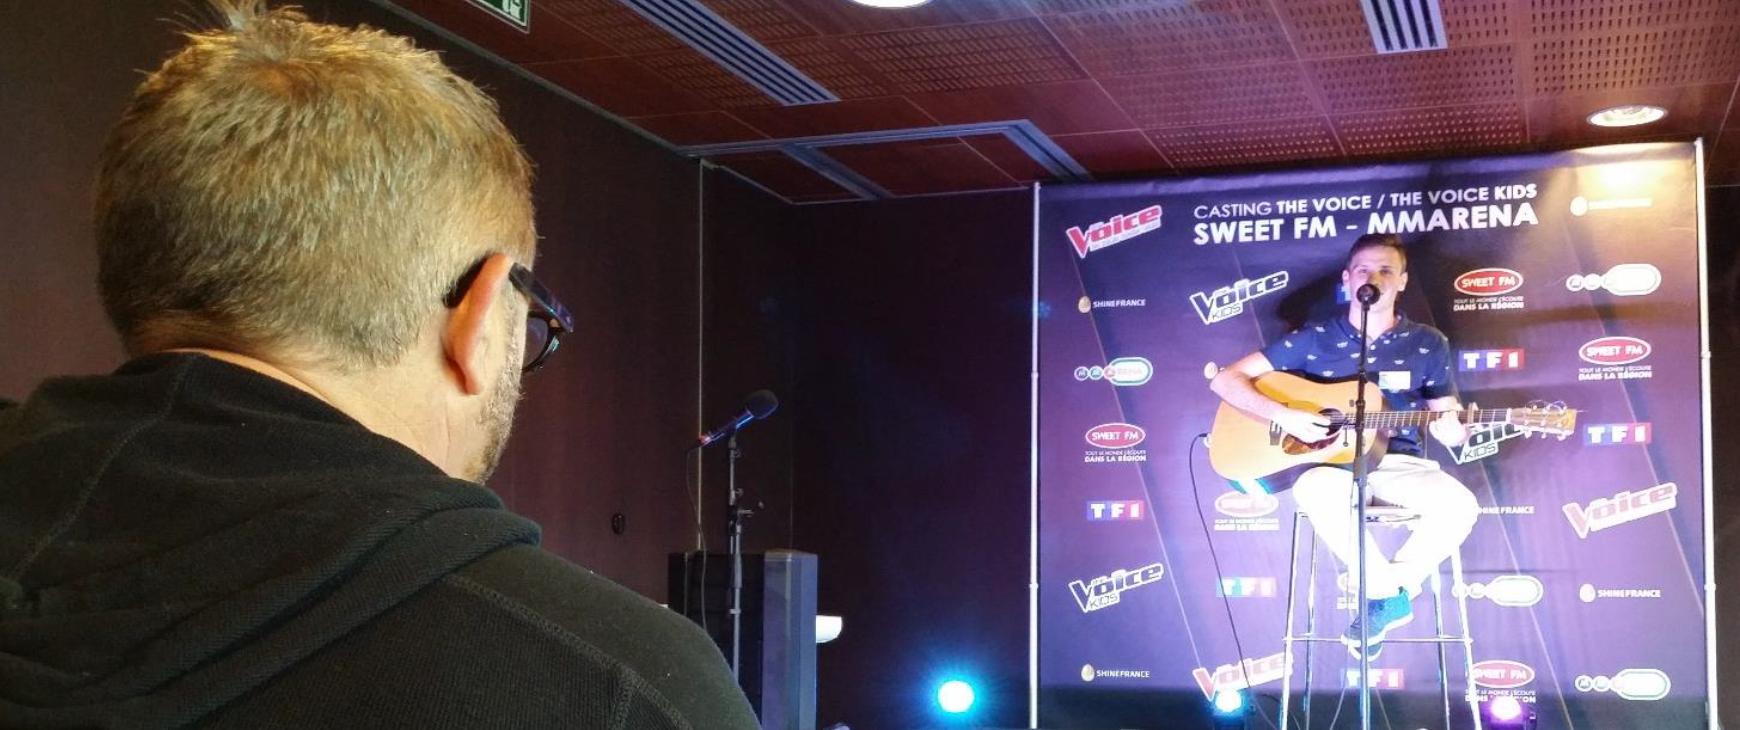 Les castings The Voice au Mans et à Blois sont de retour avec Sweet FM